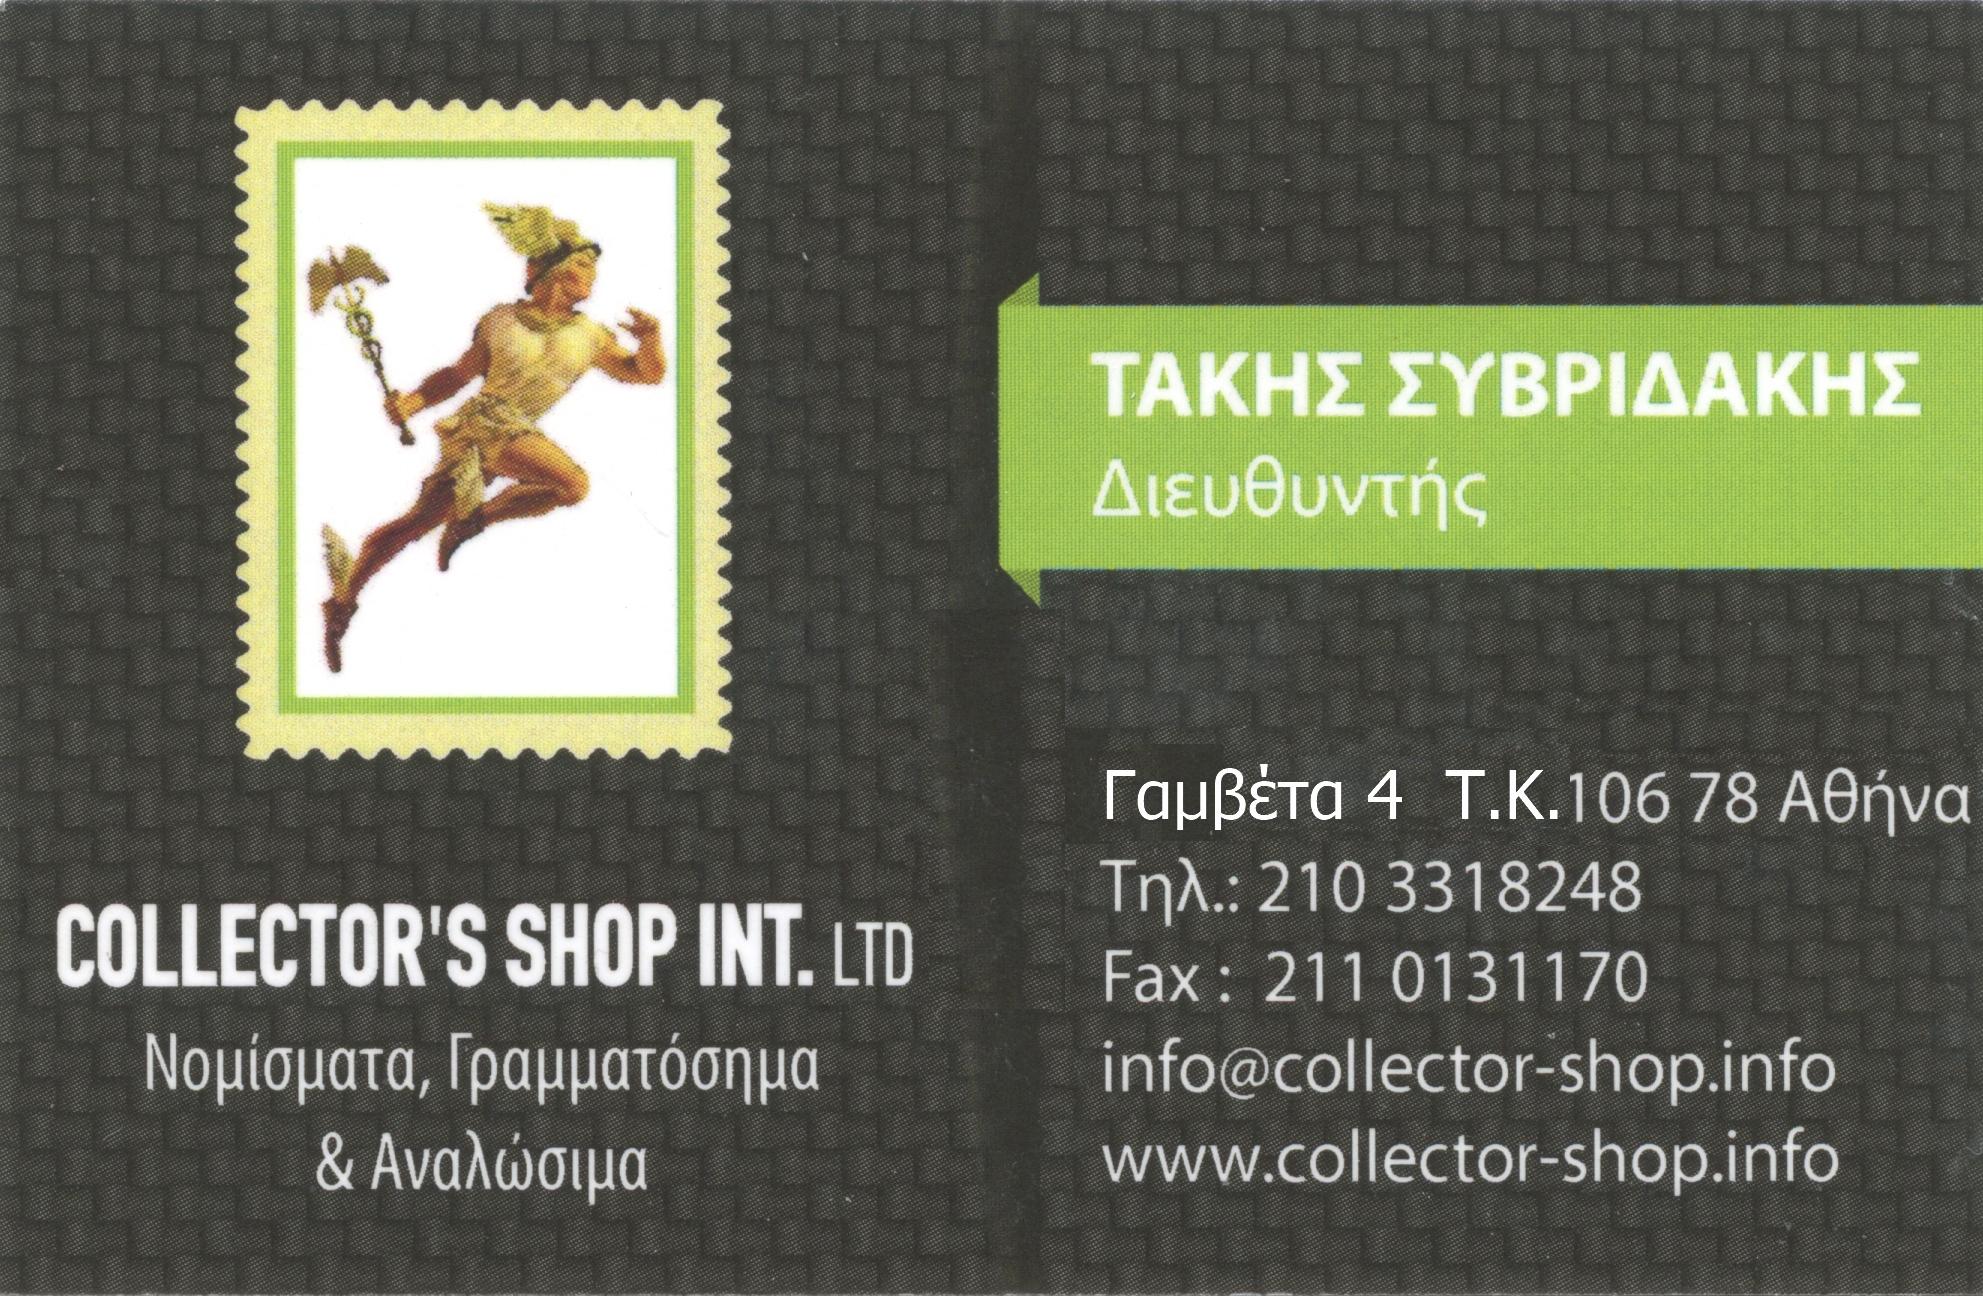 Collector's Shop Int Ltd